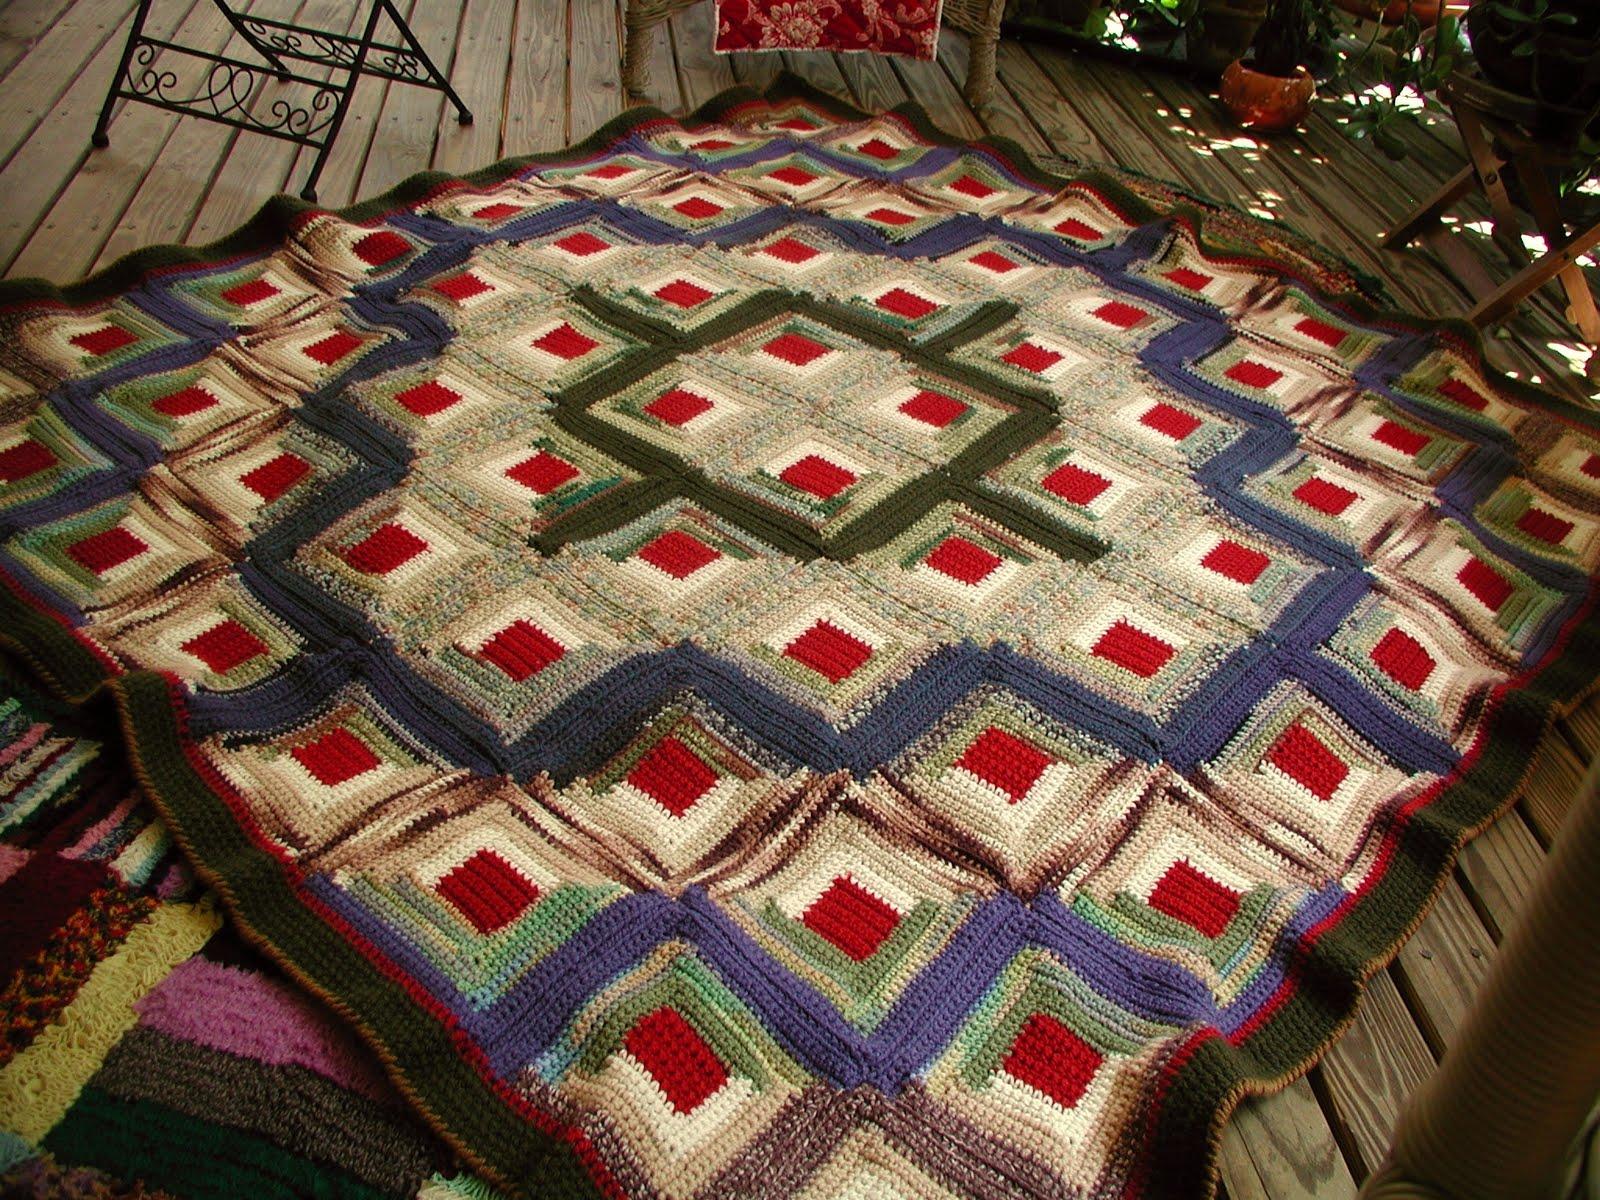 Fiddlesticks my crochet and knitting ramblings tah for Log cabin blanket